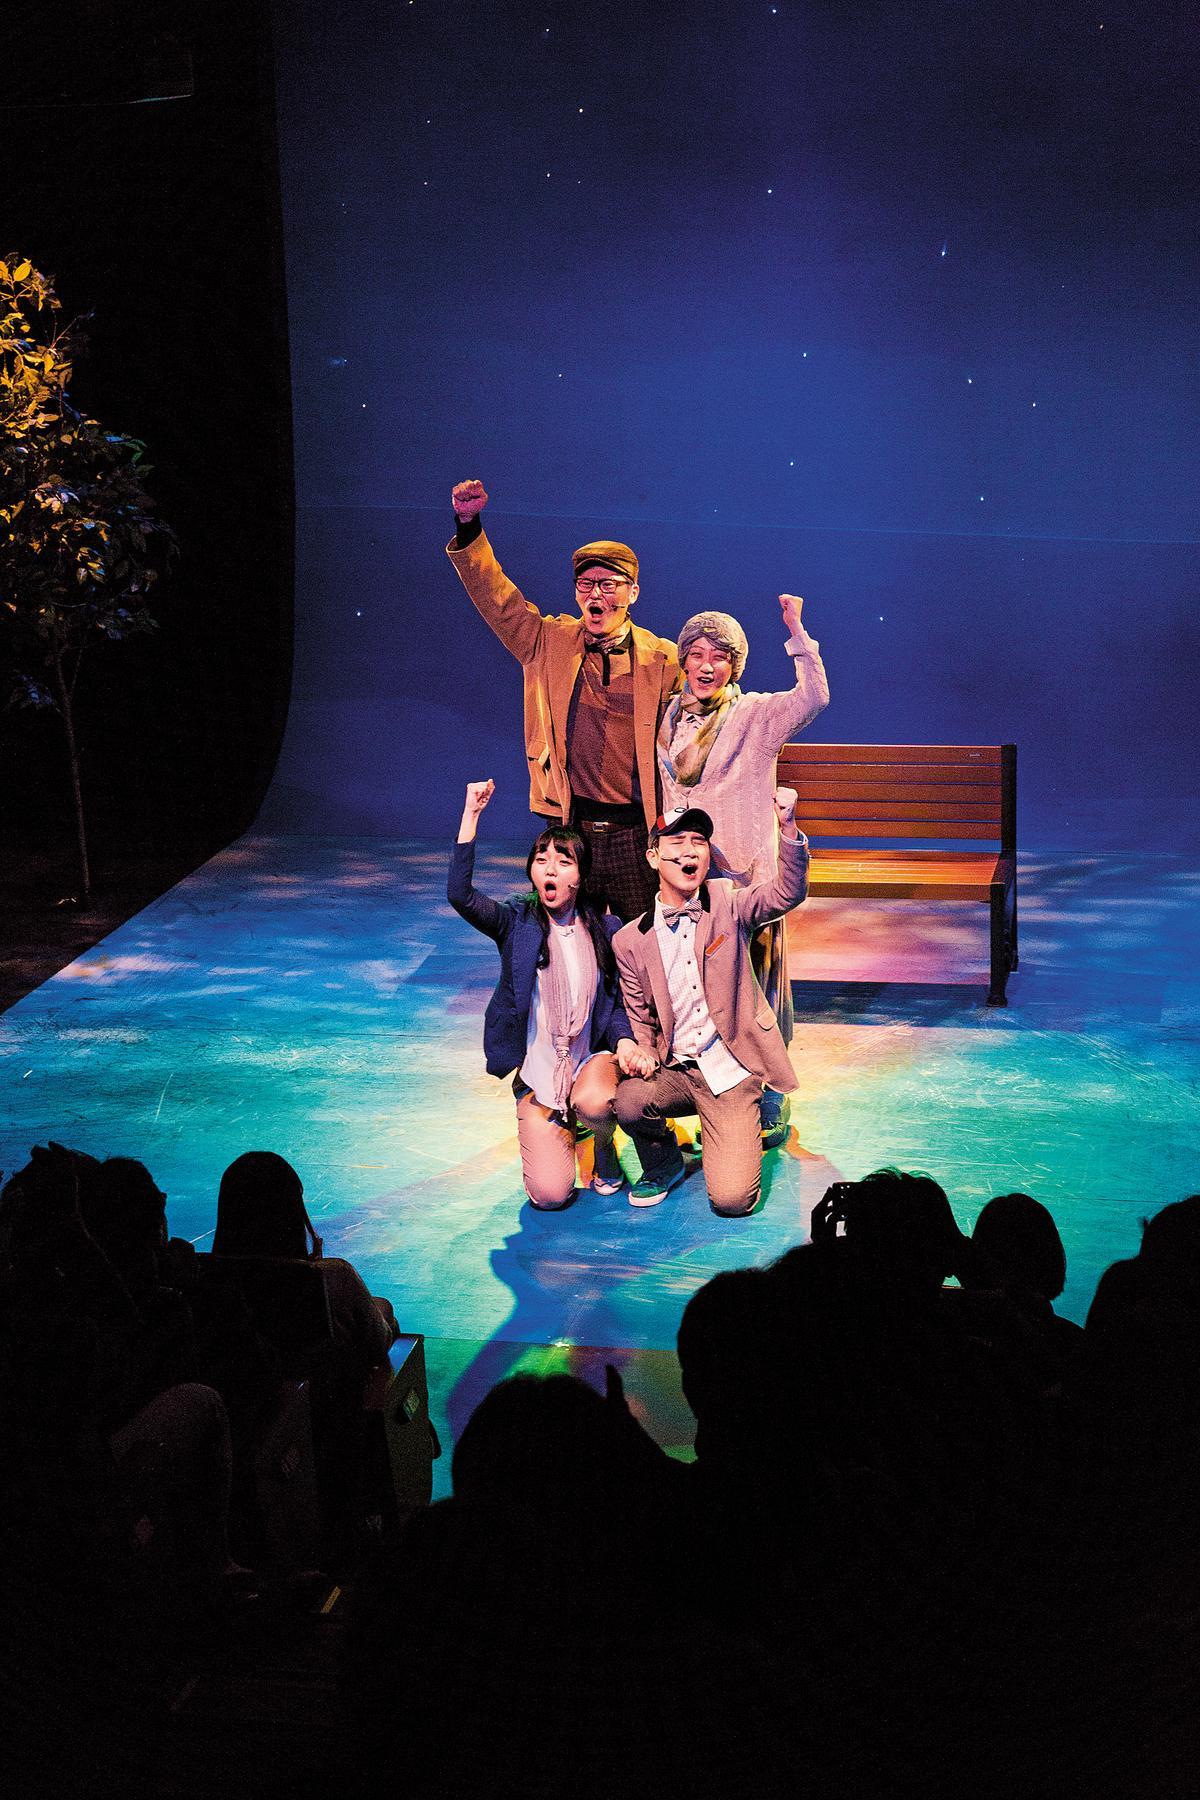 《只有你》講述慶尚道夫妻彼此為伴的故事,以釜山方言演出。